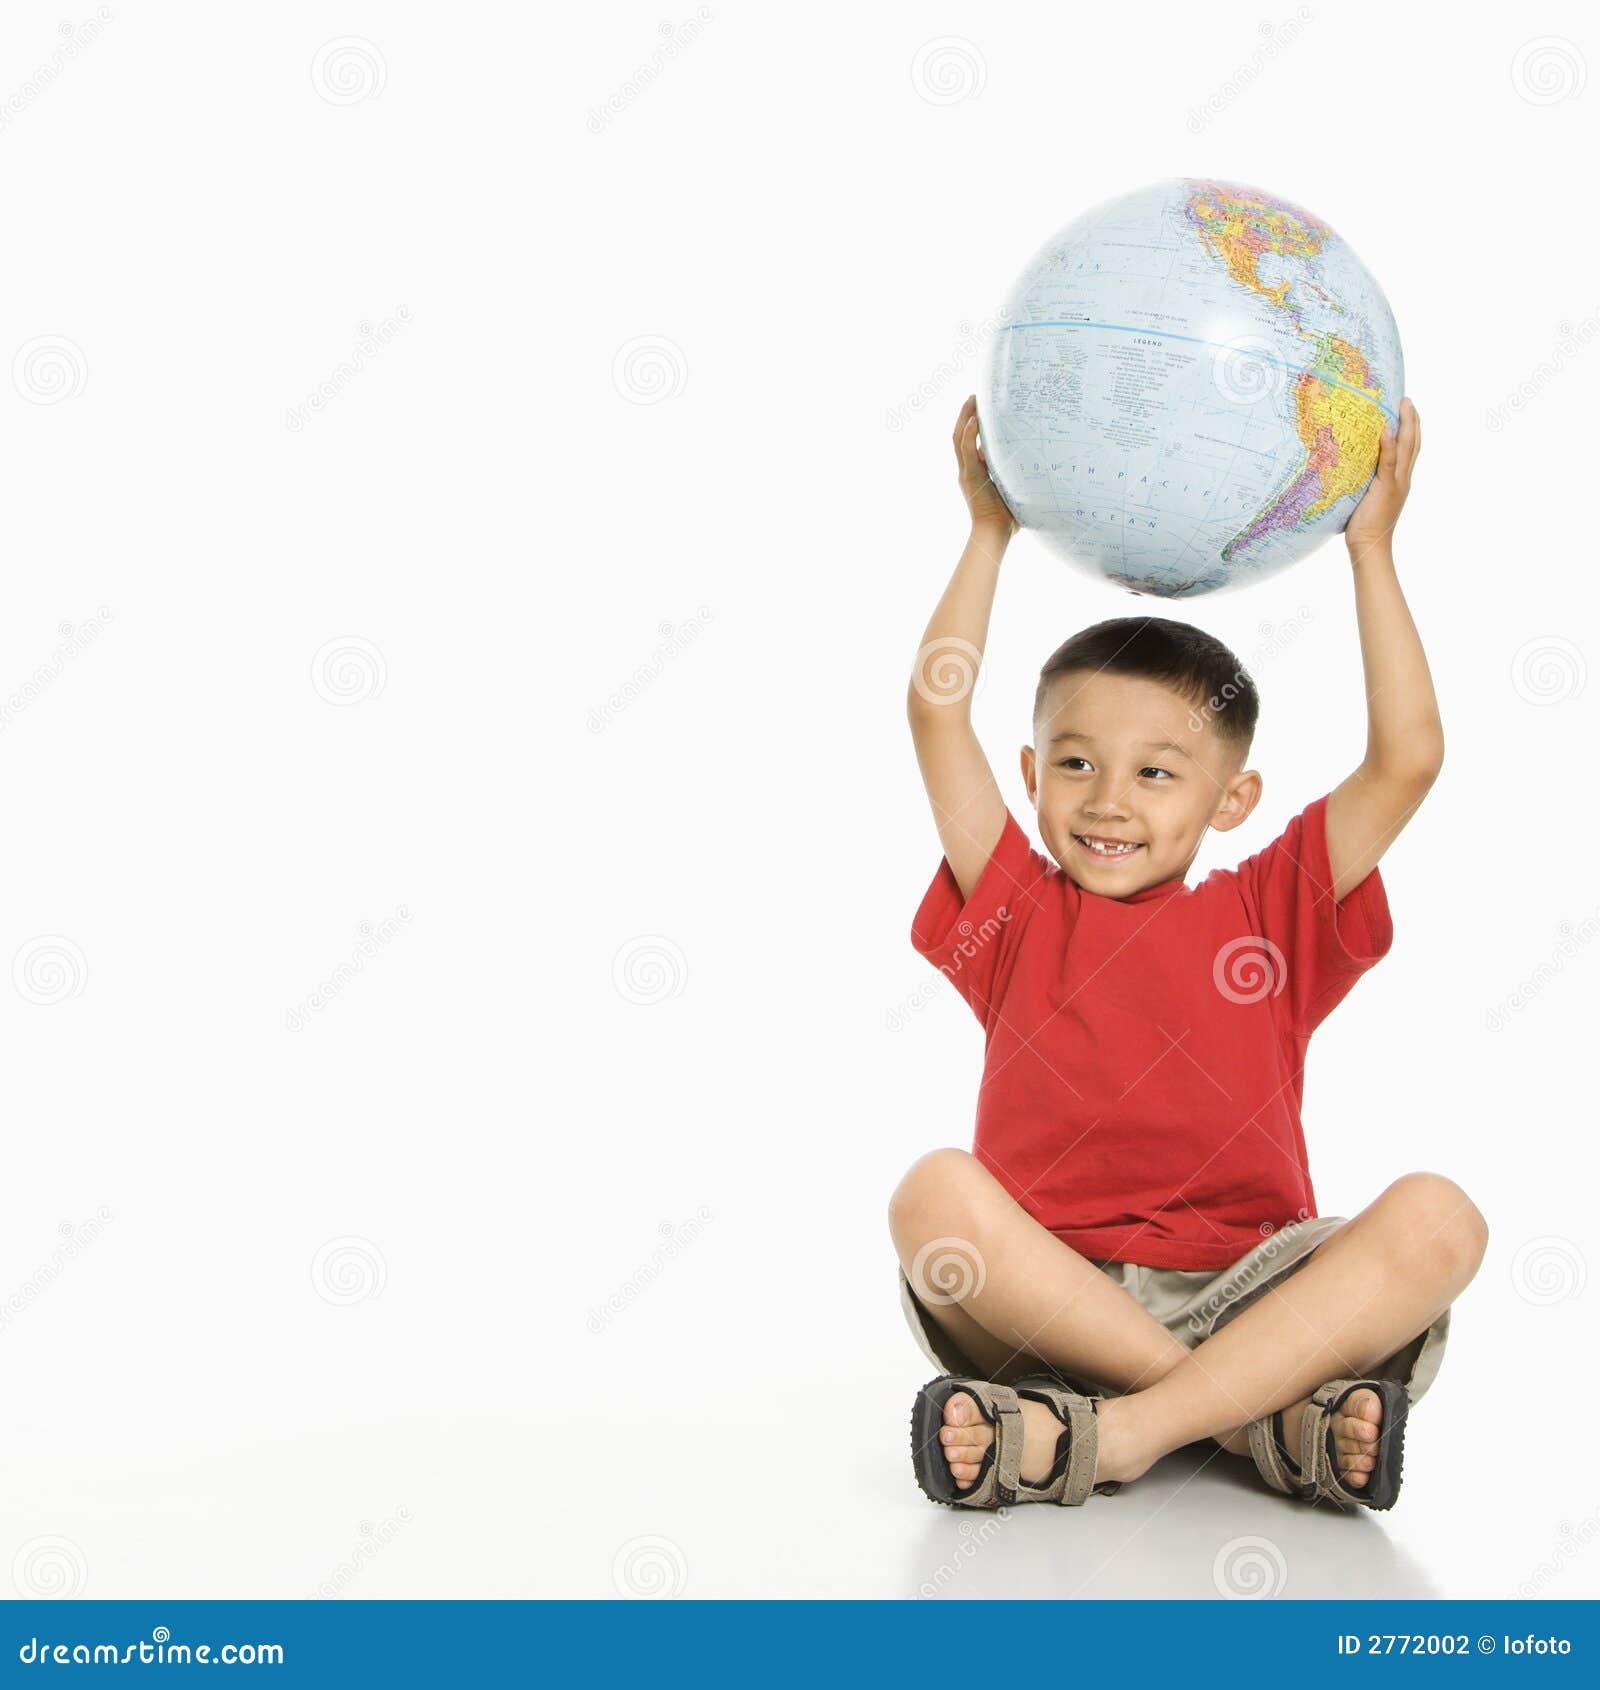 De holdingsbol van de jongen stock fotografie afbeelding 2772002 - Opslagkast ruimte van de jongen ...